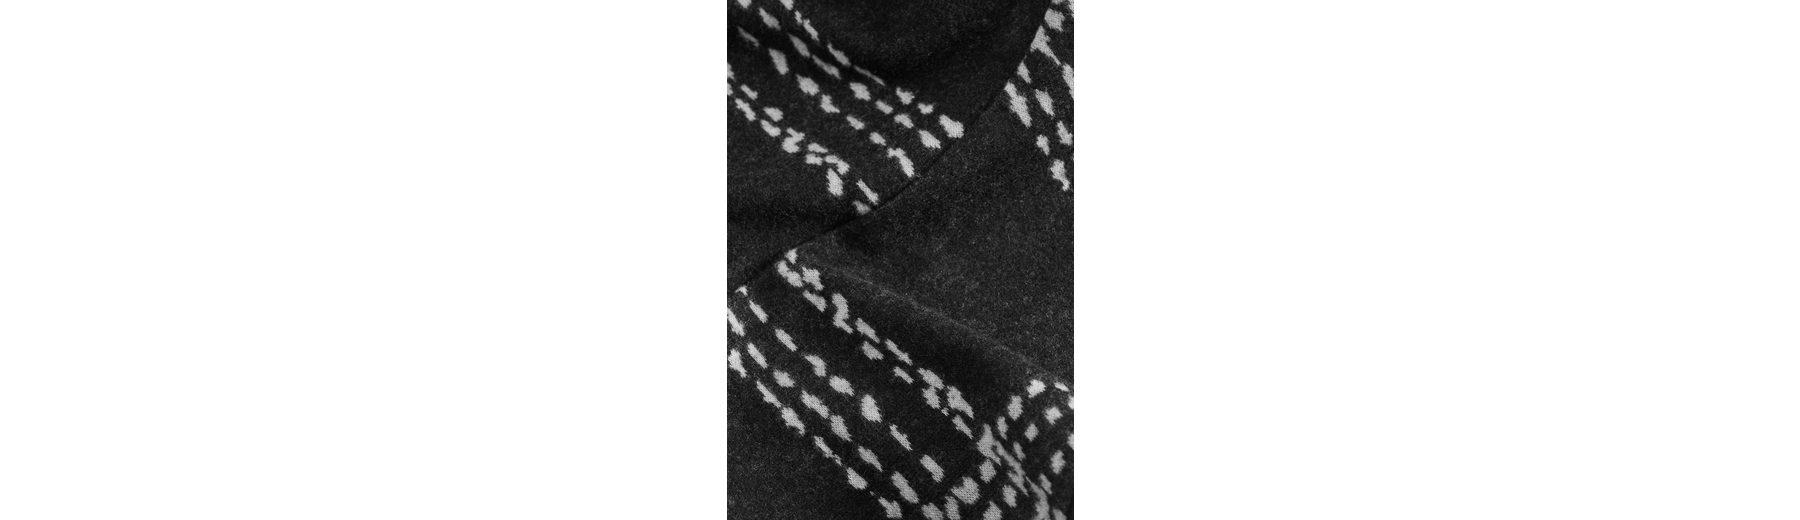 Next Kariertes Kleid mit weich angerauter Oberfläche Freies Verschiffen Große Auswahl An RkPHj